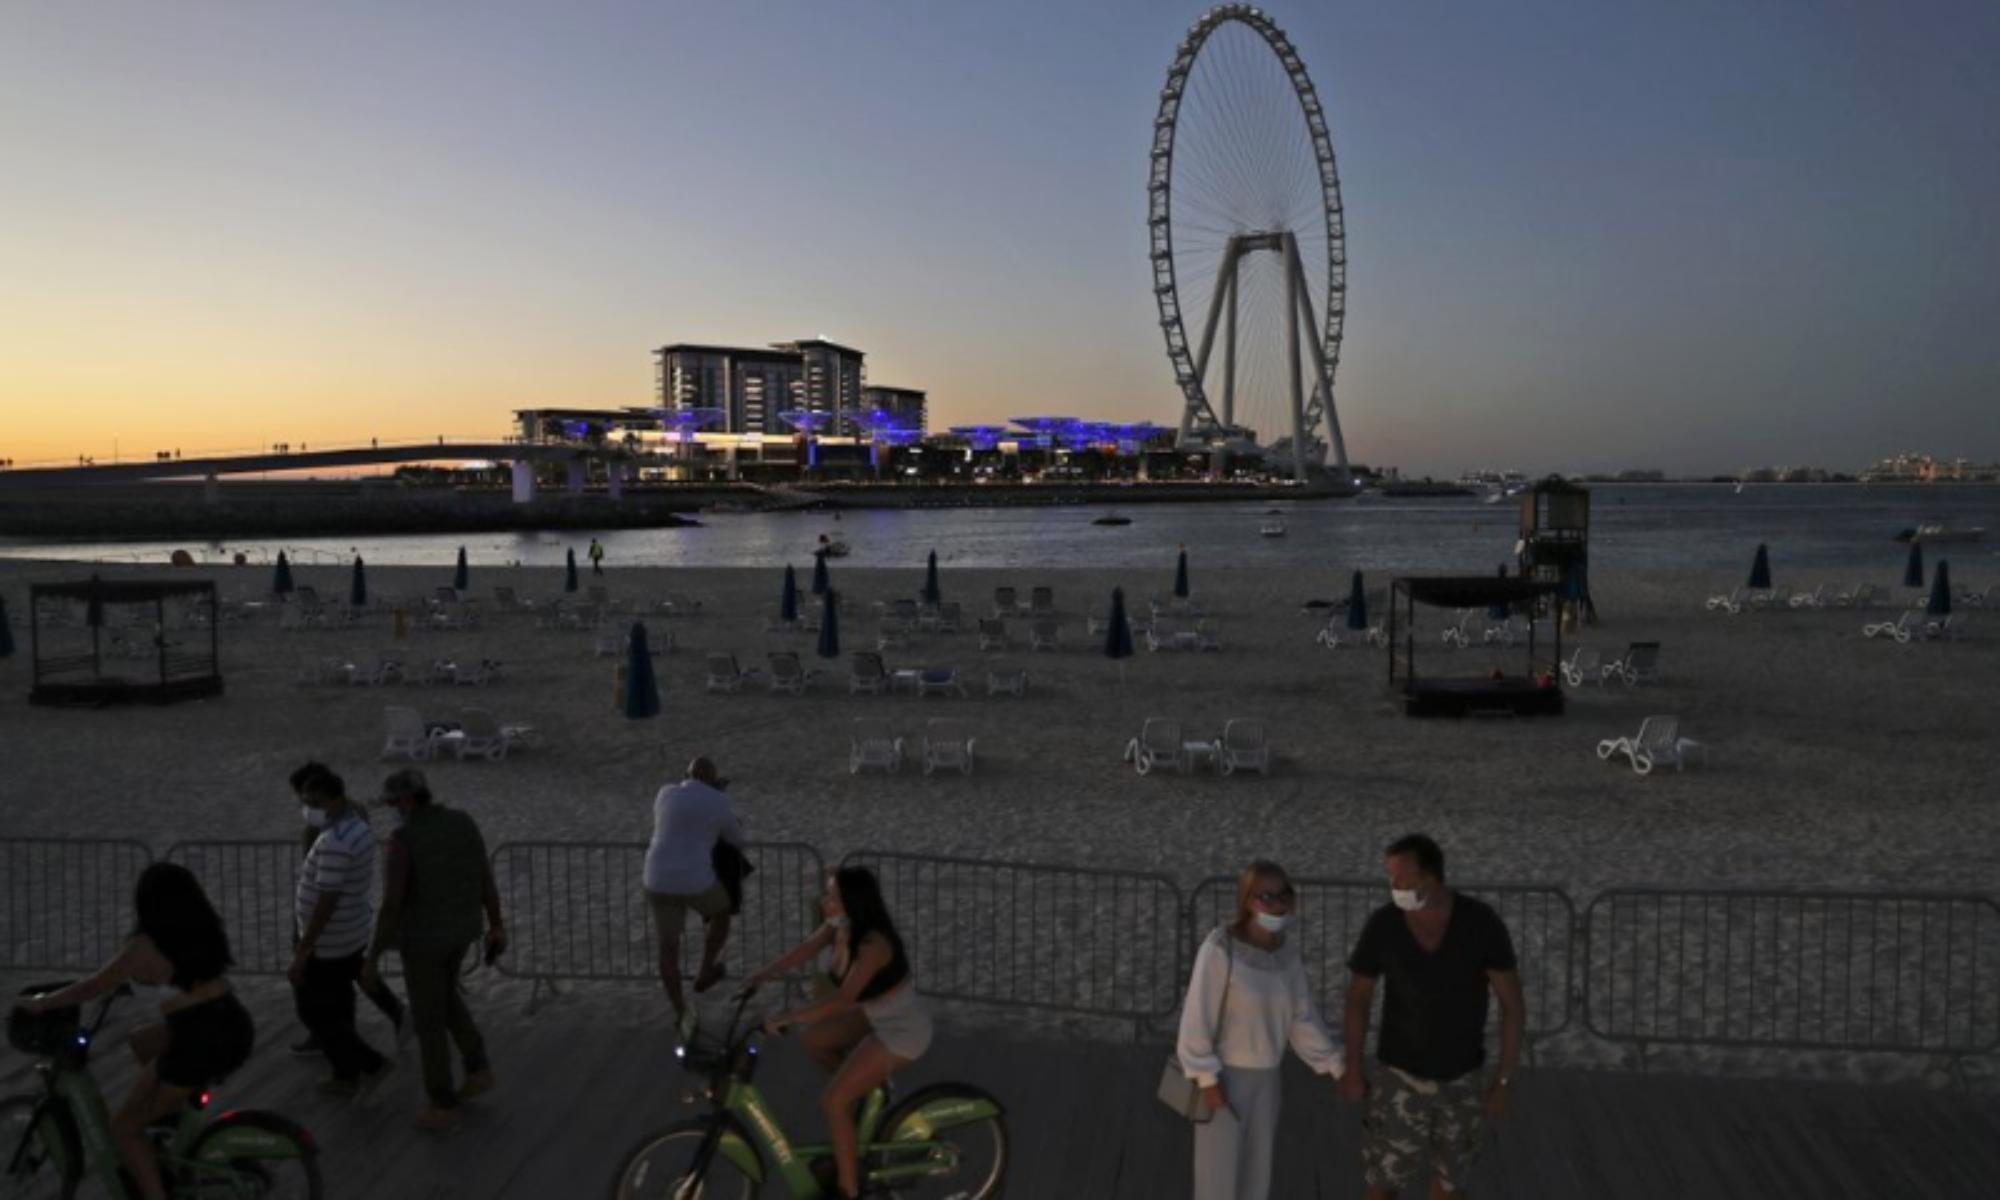 Ντουμπάι covid-19: Έξαρση κρουσμάτων μετά τα πάρτι εν μέσω πανδημίας